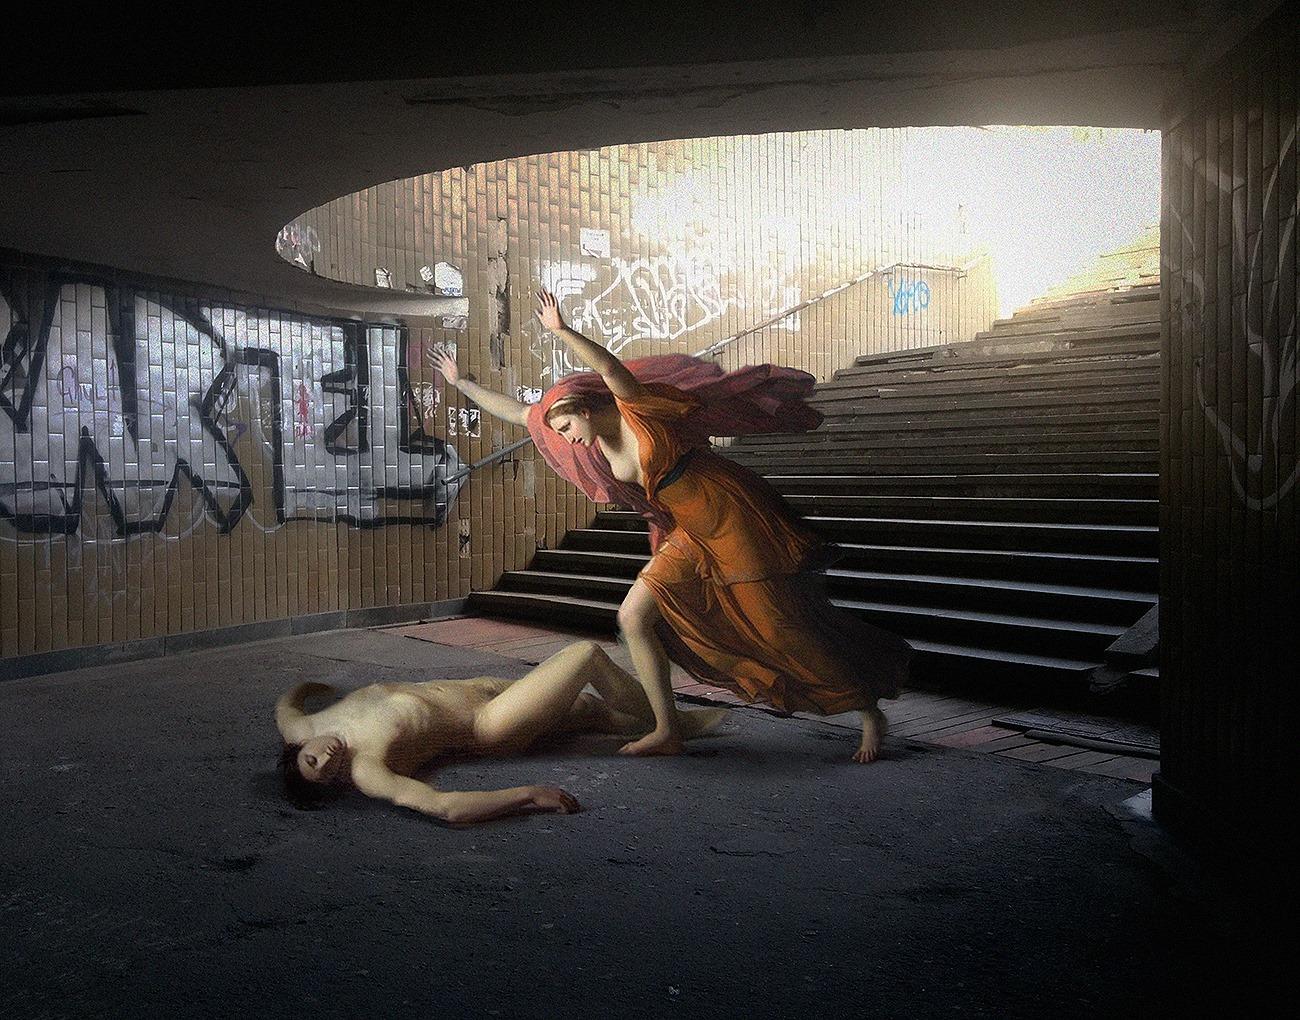 collage detournement instagram ville urbain graffiti tableaux peintures artclassique creatif Alexey Kondakov AgressionMetro - Les héros classiques squattent l'espace urbain grâce aux collages d'Alexey Kondakov